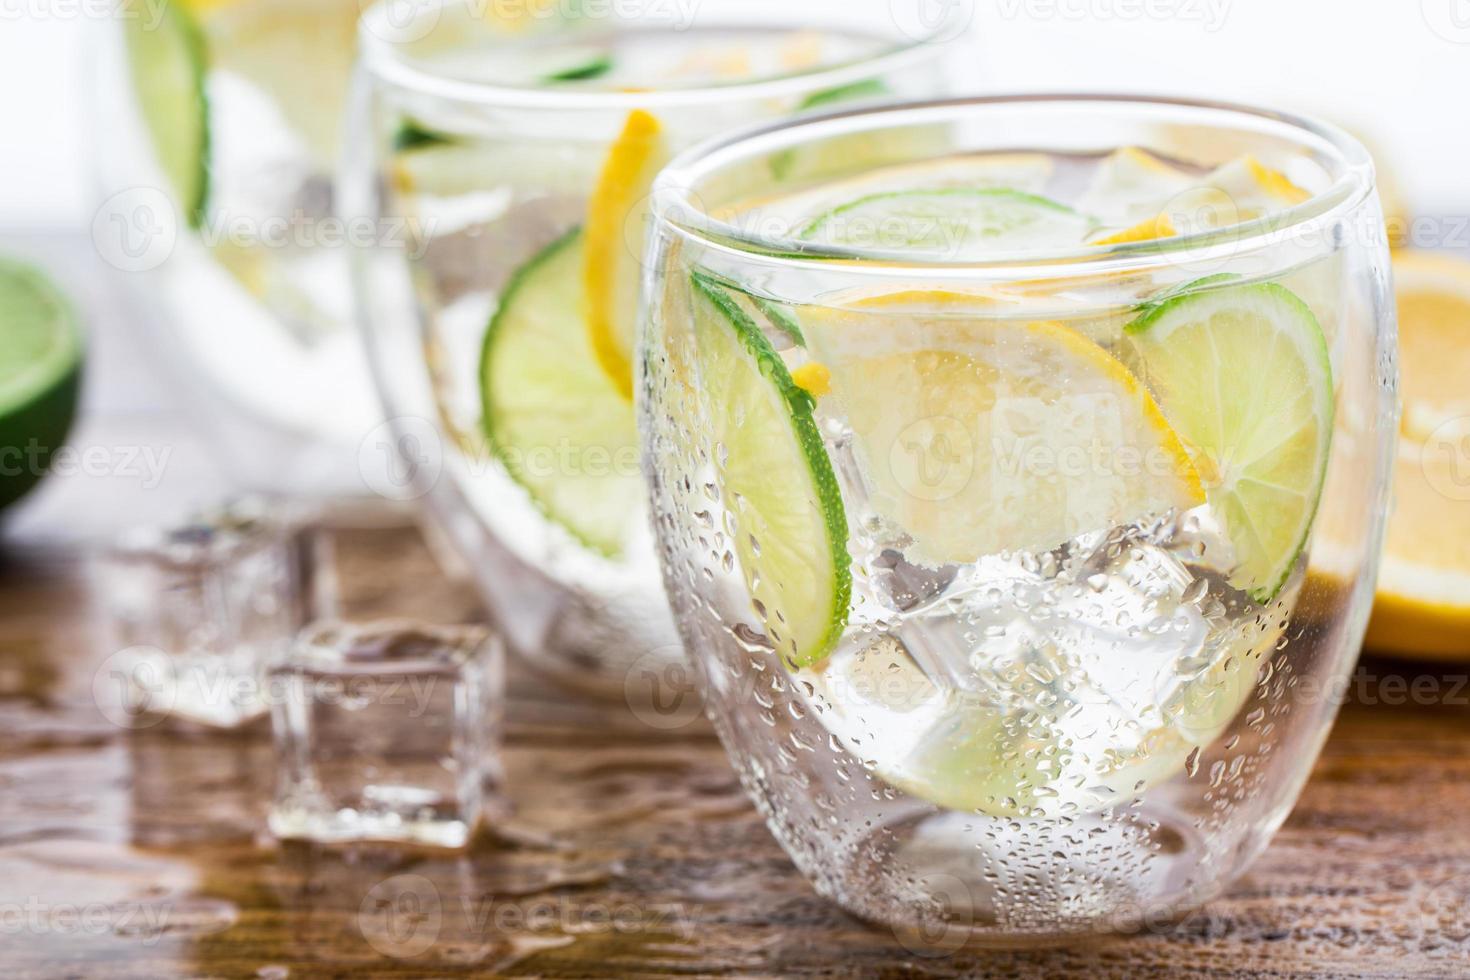 limonata fresca fredda foto